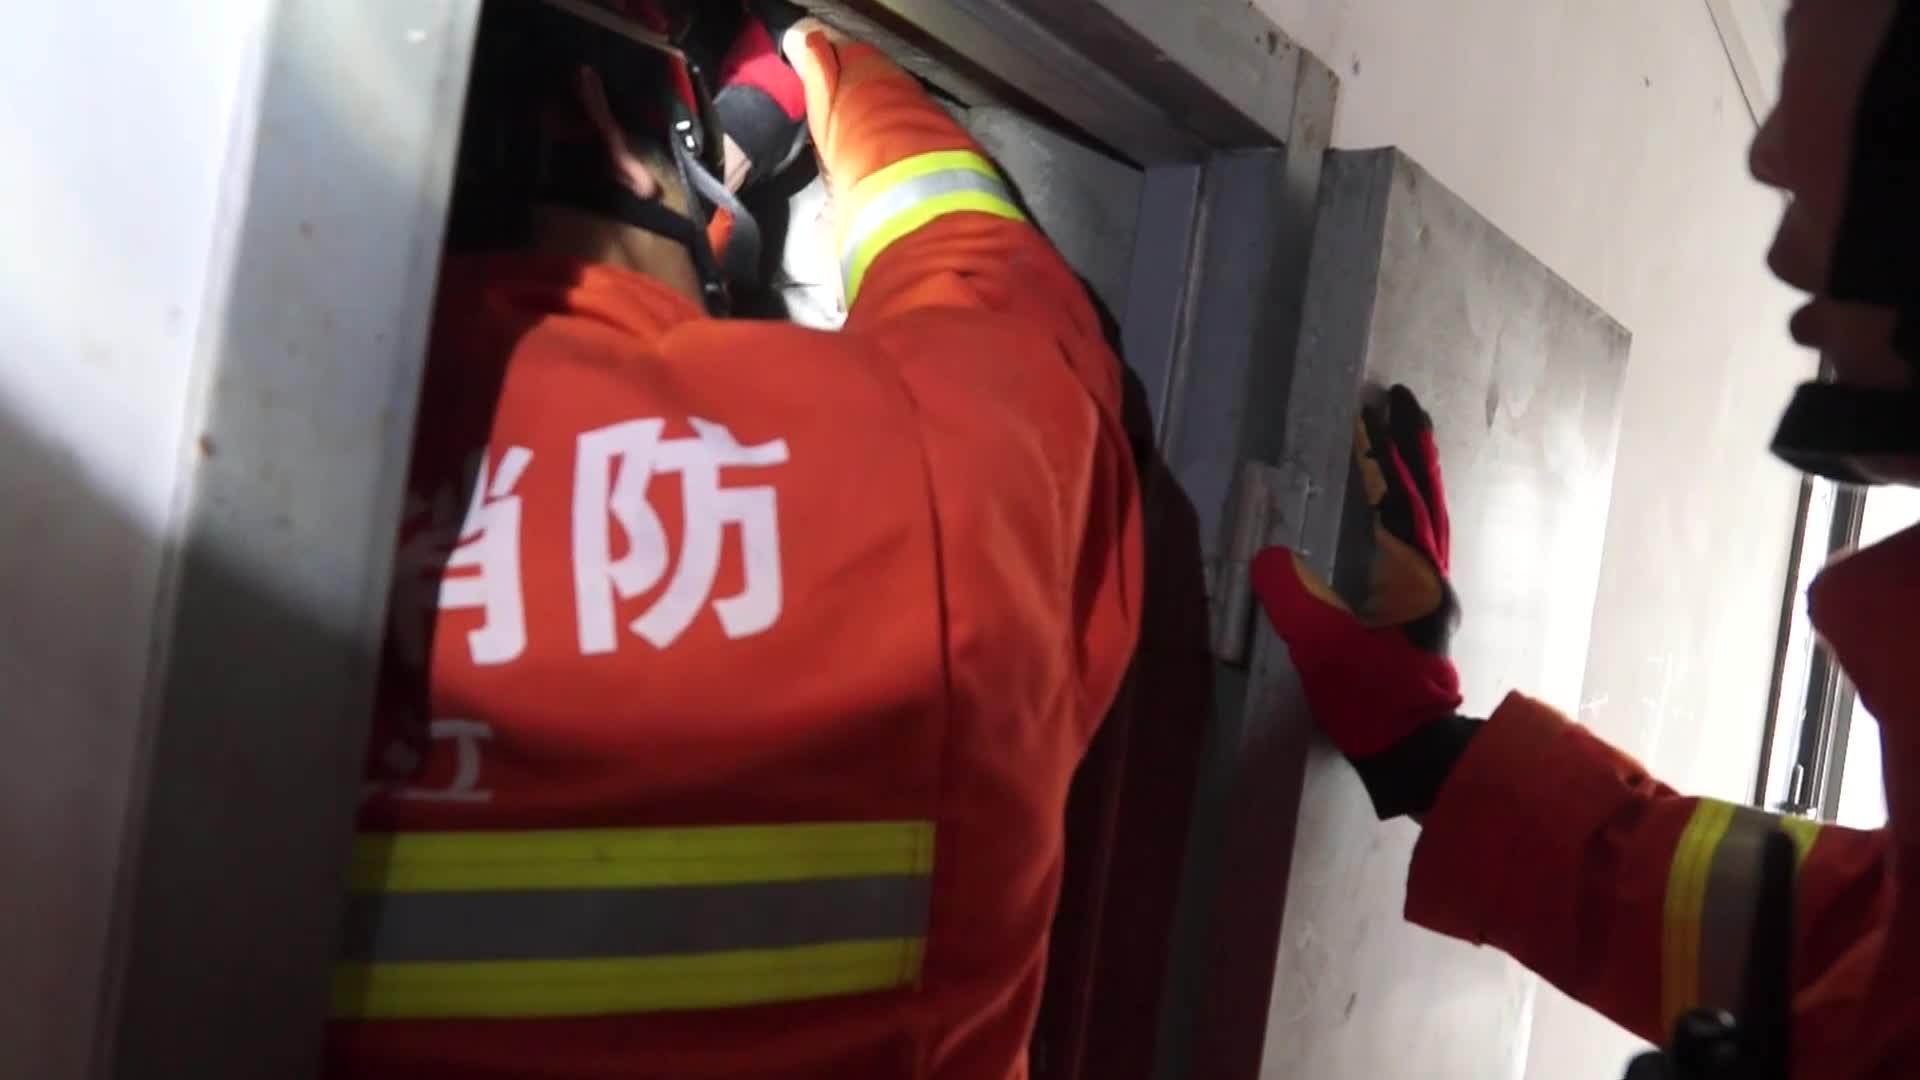 宁波:2岁男童不慎坠落22楼通风管道井,消防紧急救援